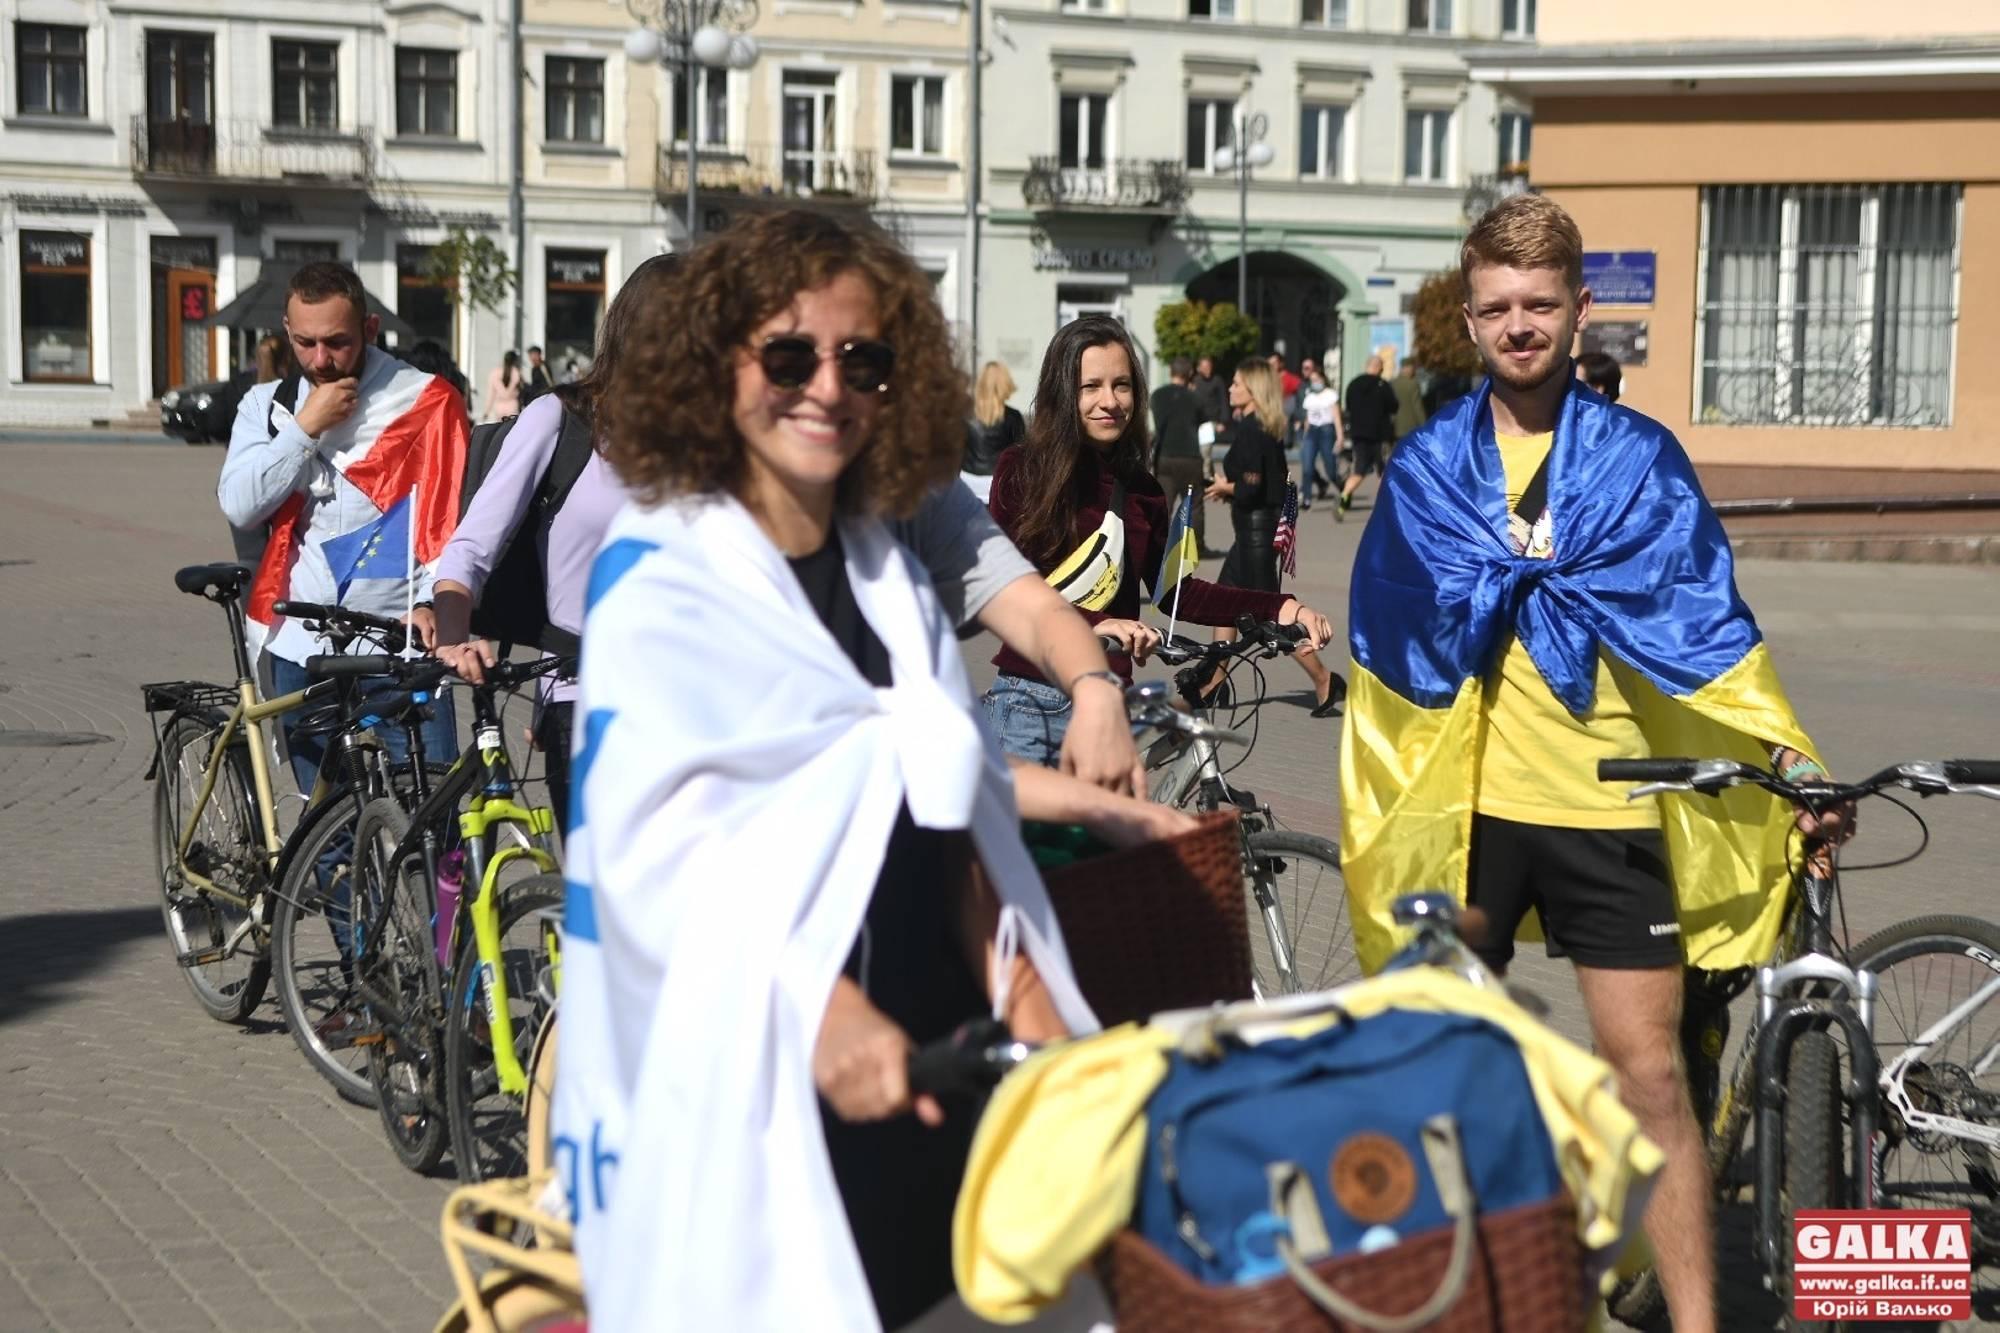 В Івано-Франківську активісти на велосипедах пропагуватимуть мир і толерантність (ФОТО)